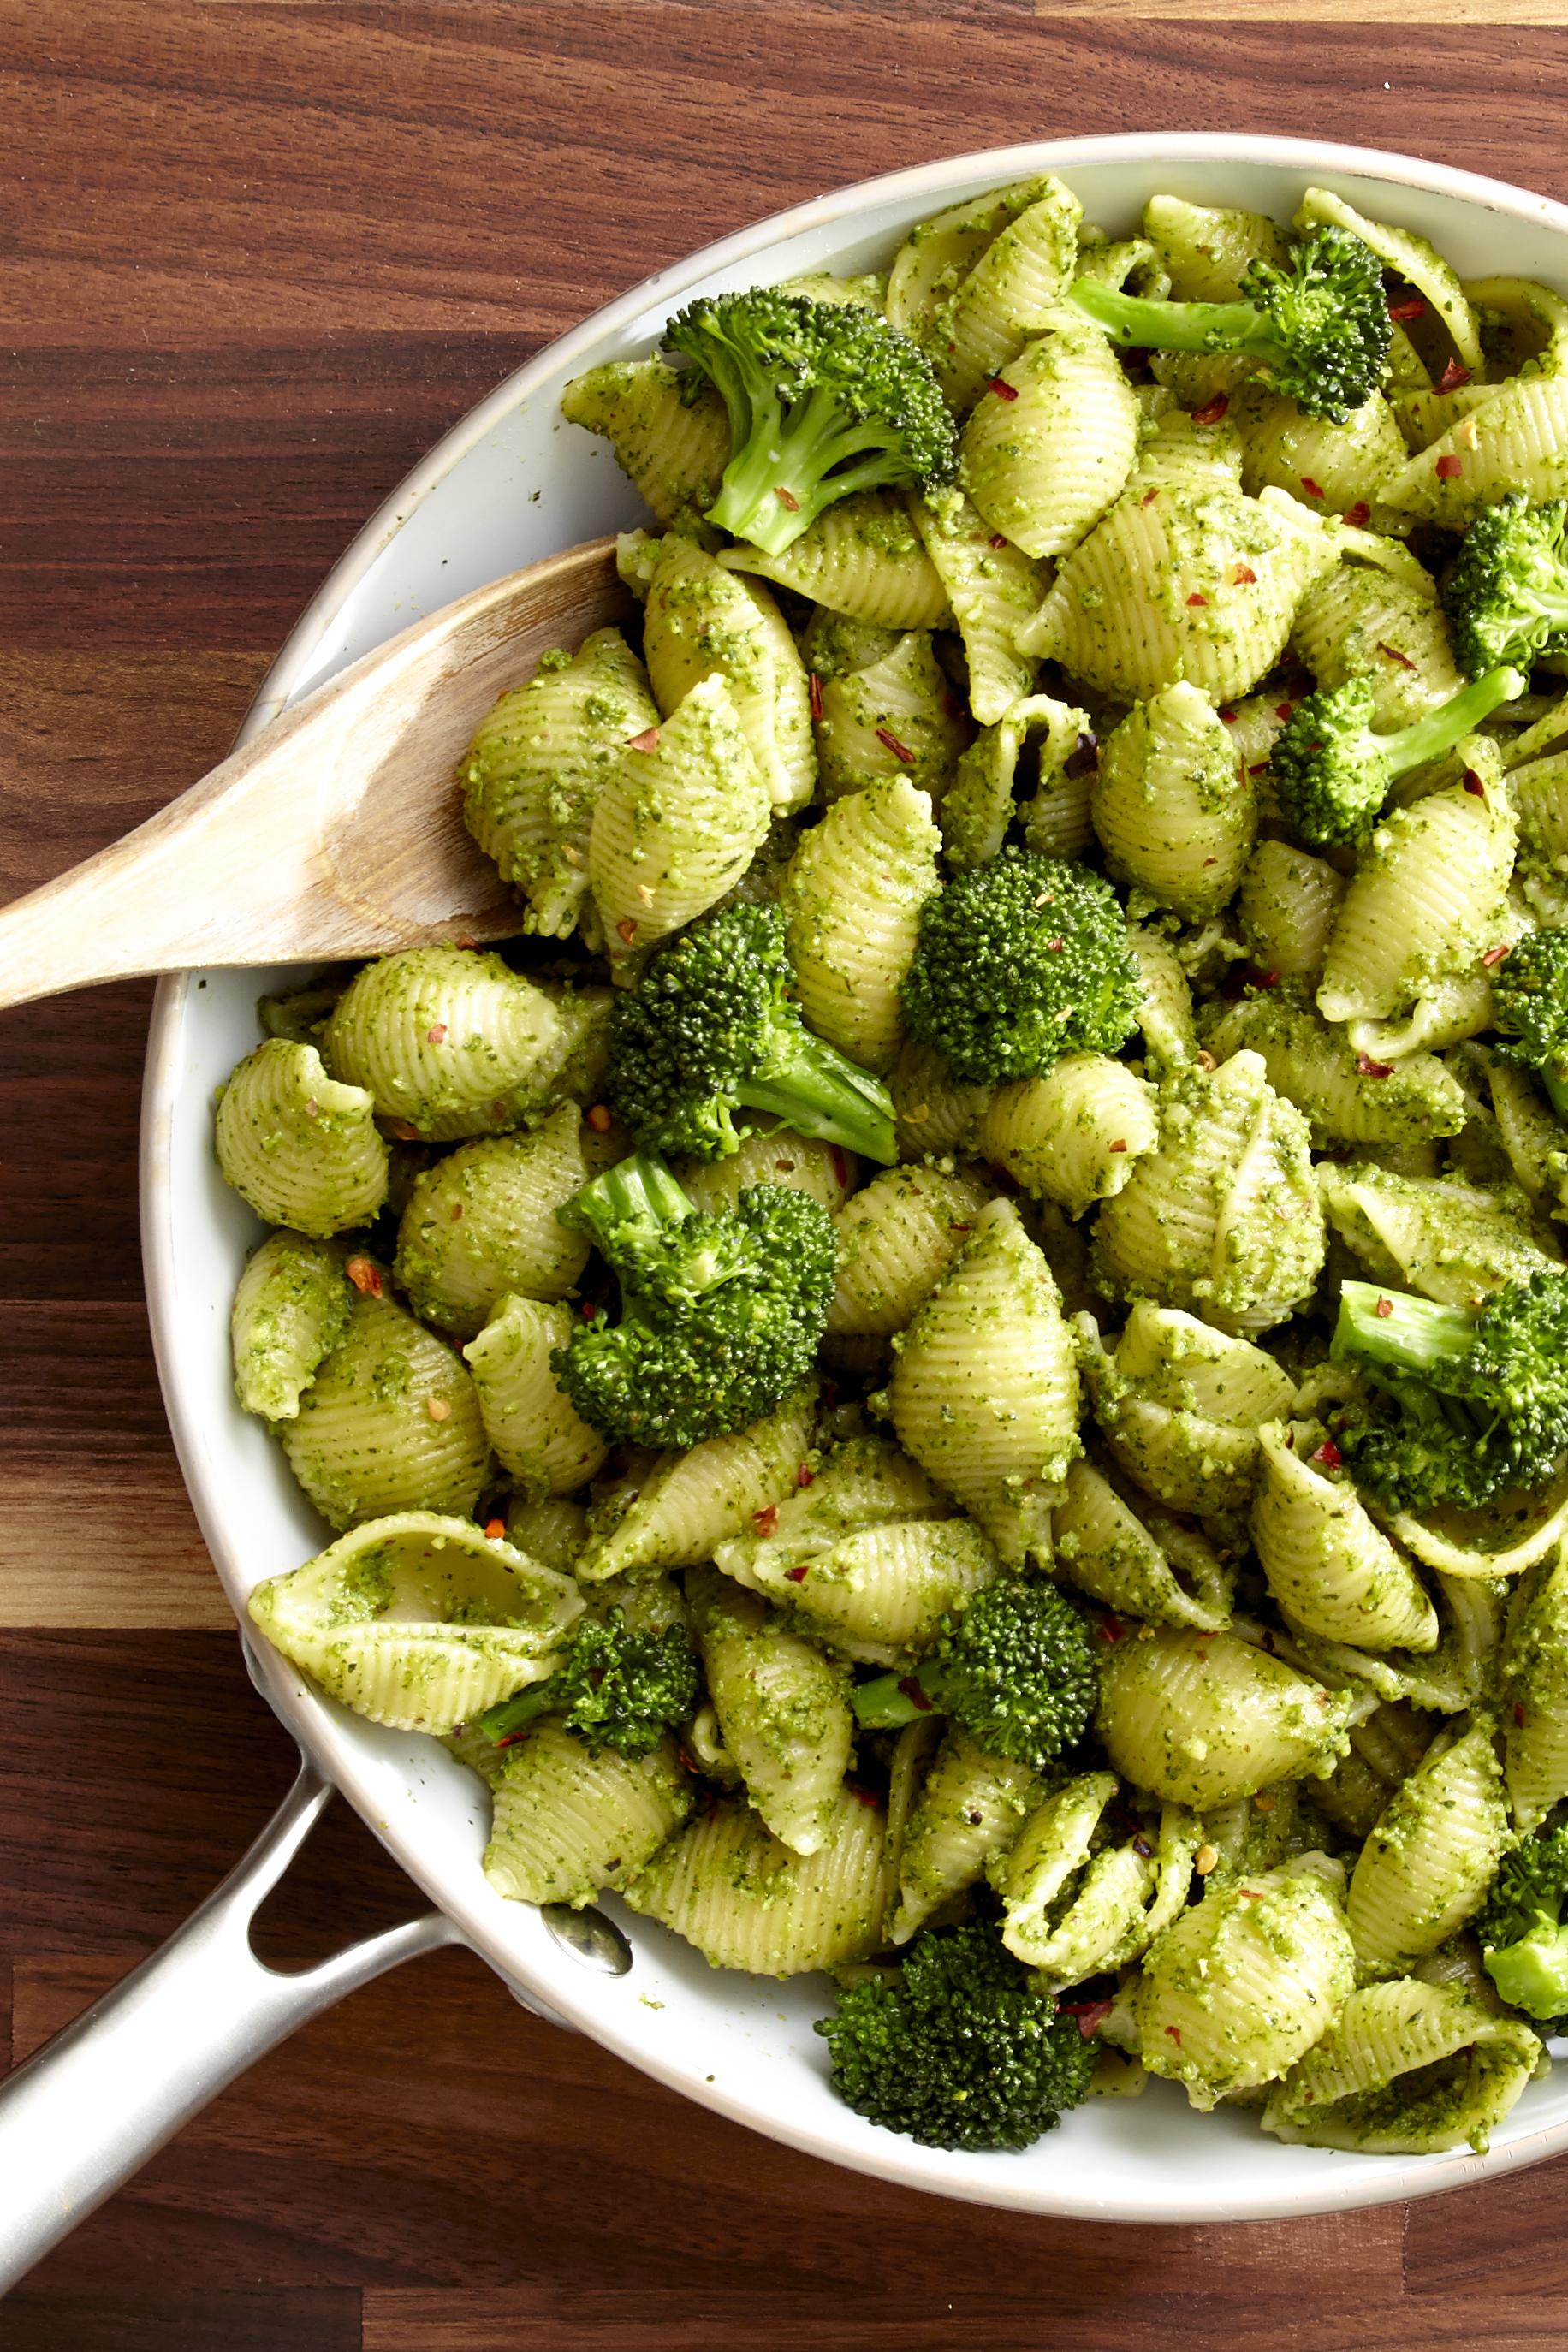 Best Broccoli Pesto Recipe How To Make Broccoli Pesto